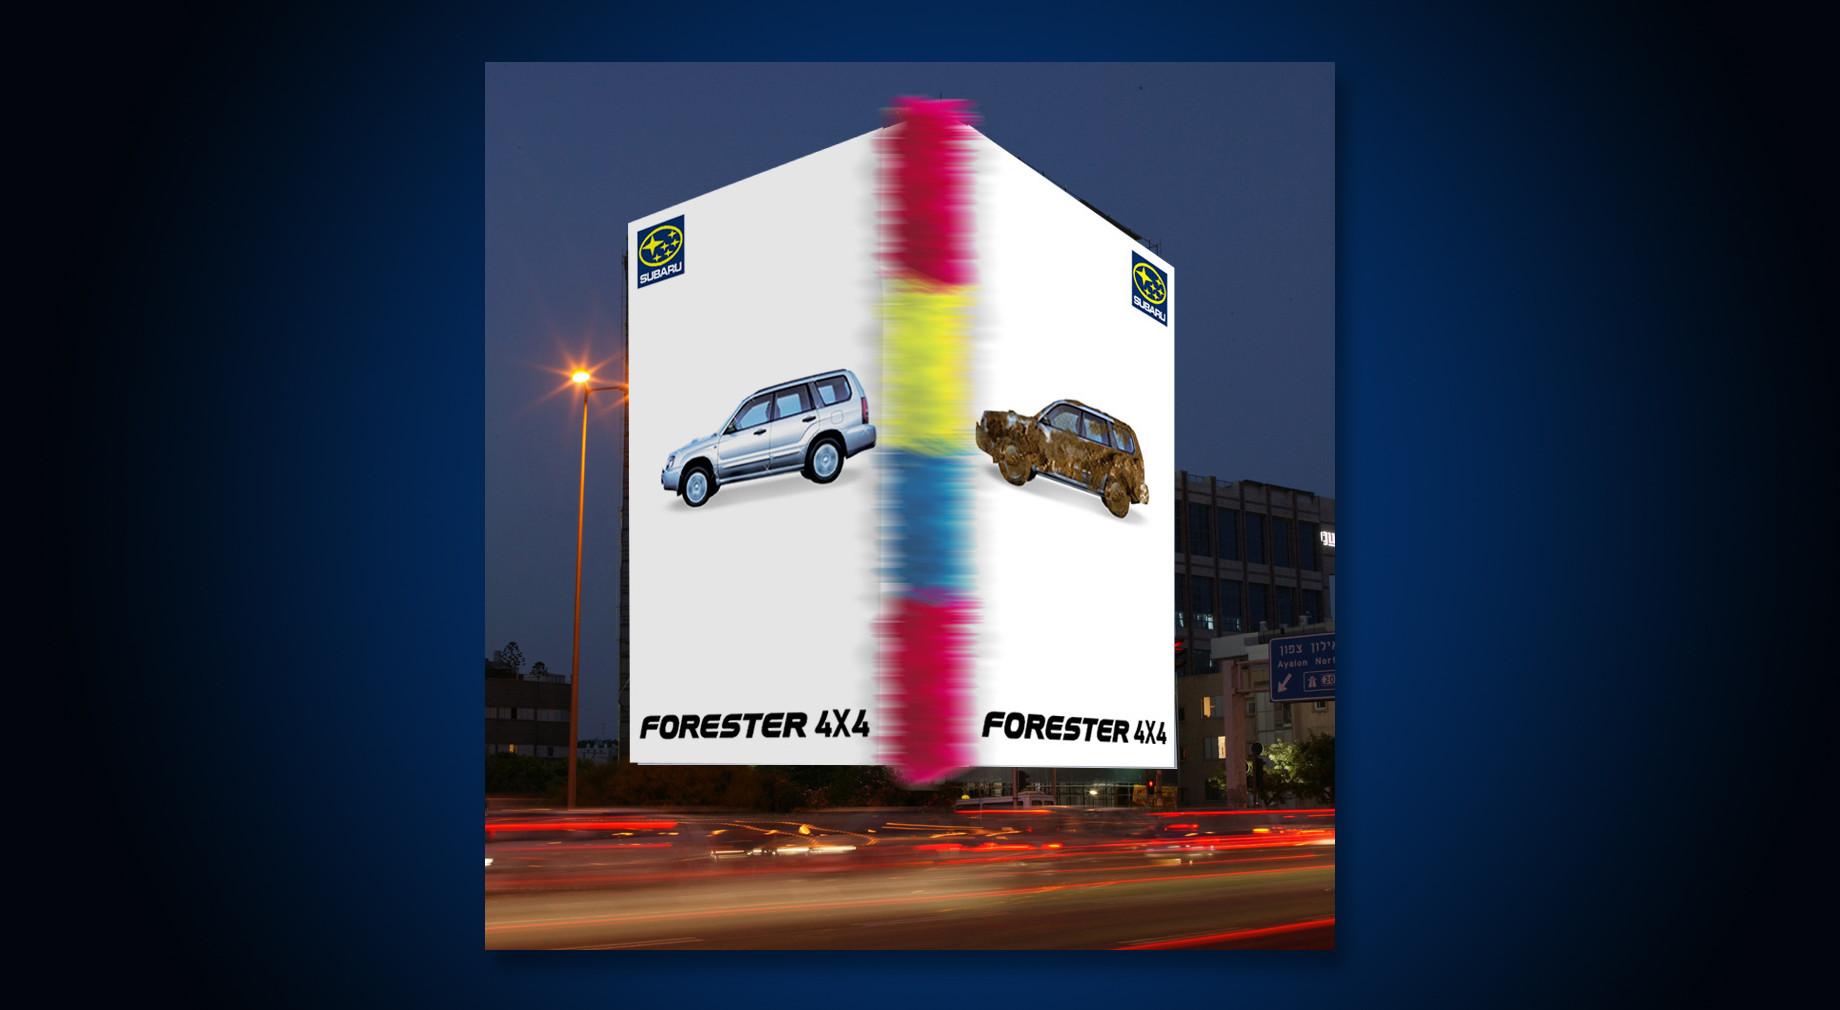 סובארו פורסטר - רכב אורבני שהוא גם לשטח